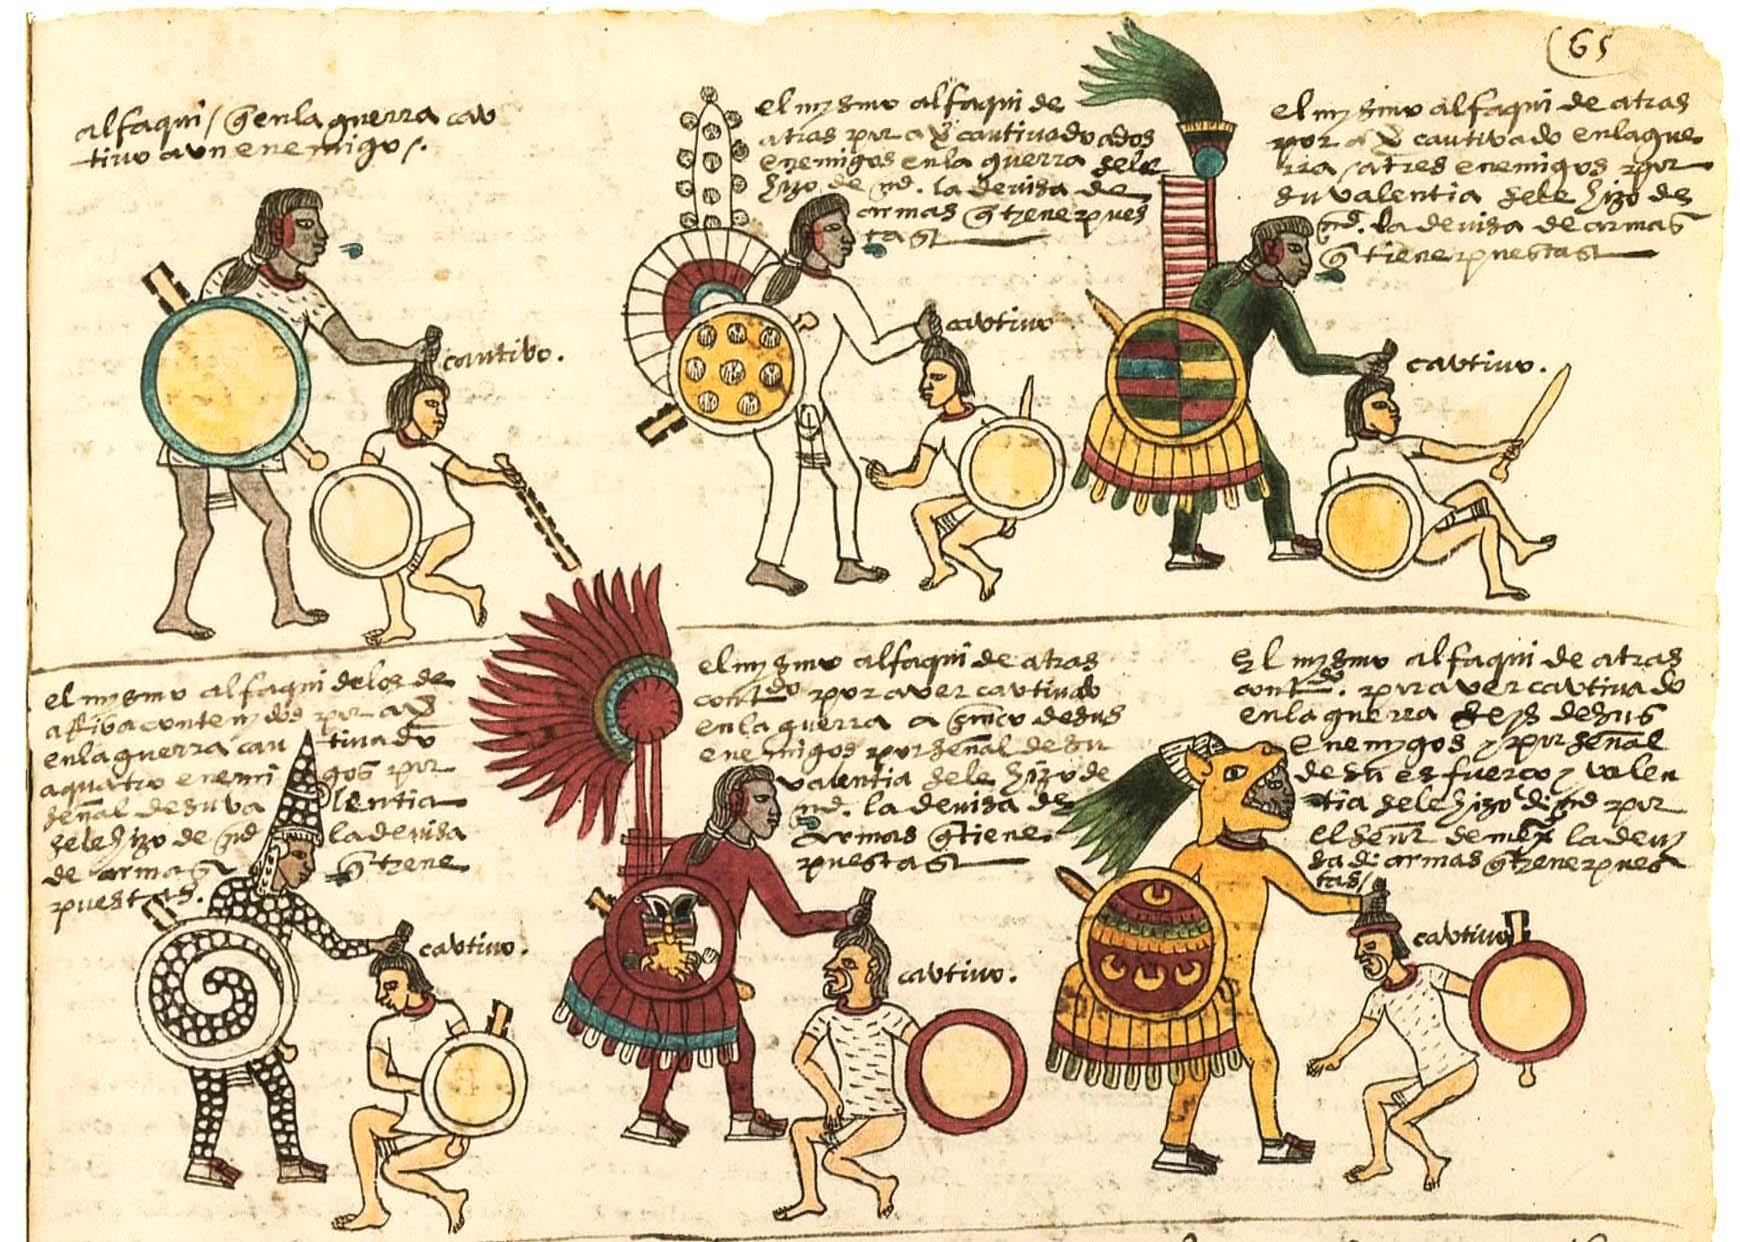 Guerreros que realmente existieron  en la Civilización Azteca Aztec4figure08